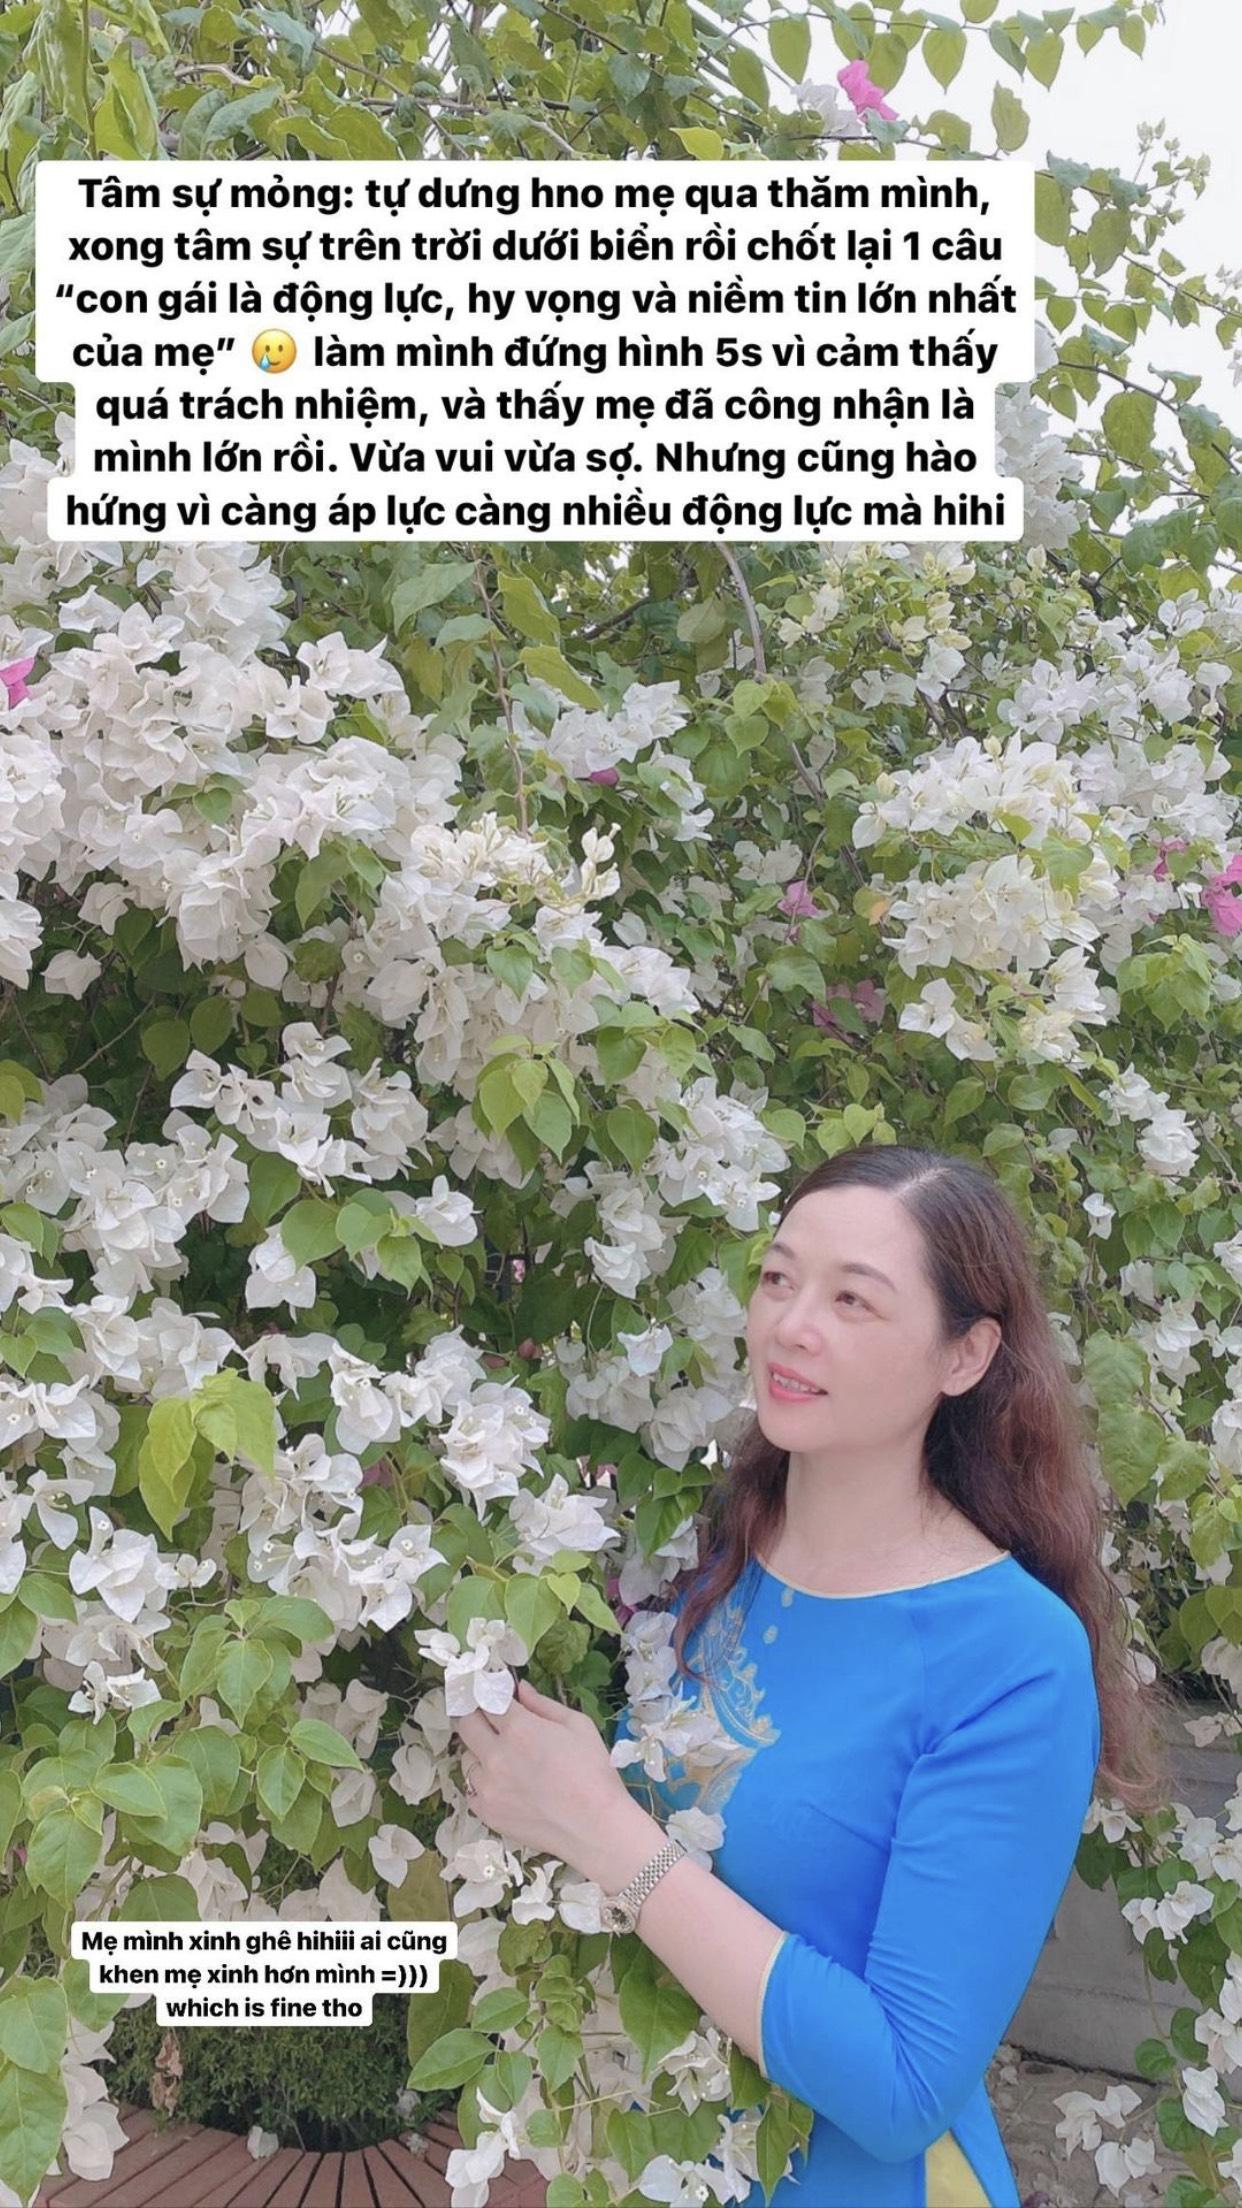 Mẹ Hoa hậu Lương Thùy Linh dặn nàng Hậu 1 câu mà đứa học trò nào nghe cũng đồng cảm - Ảnh 2.